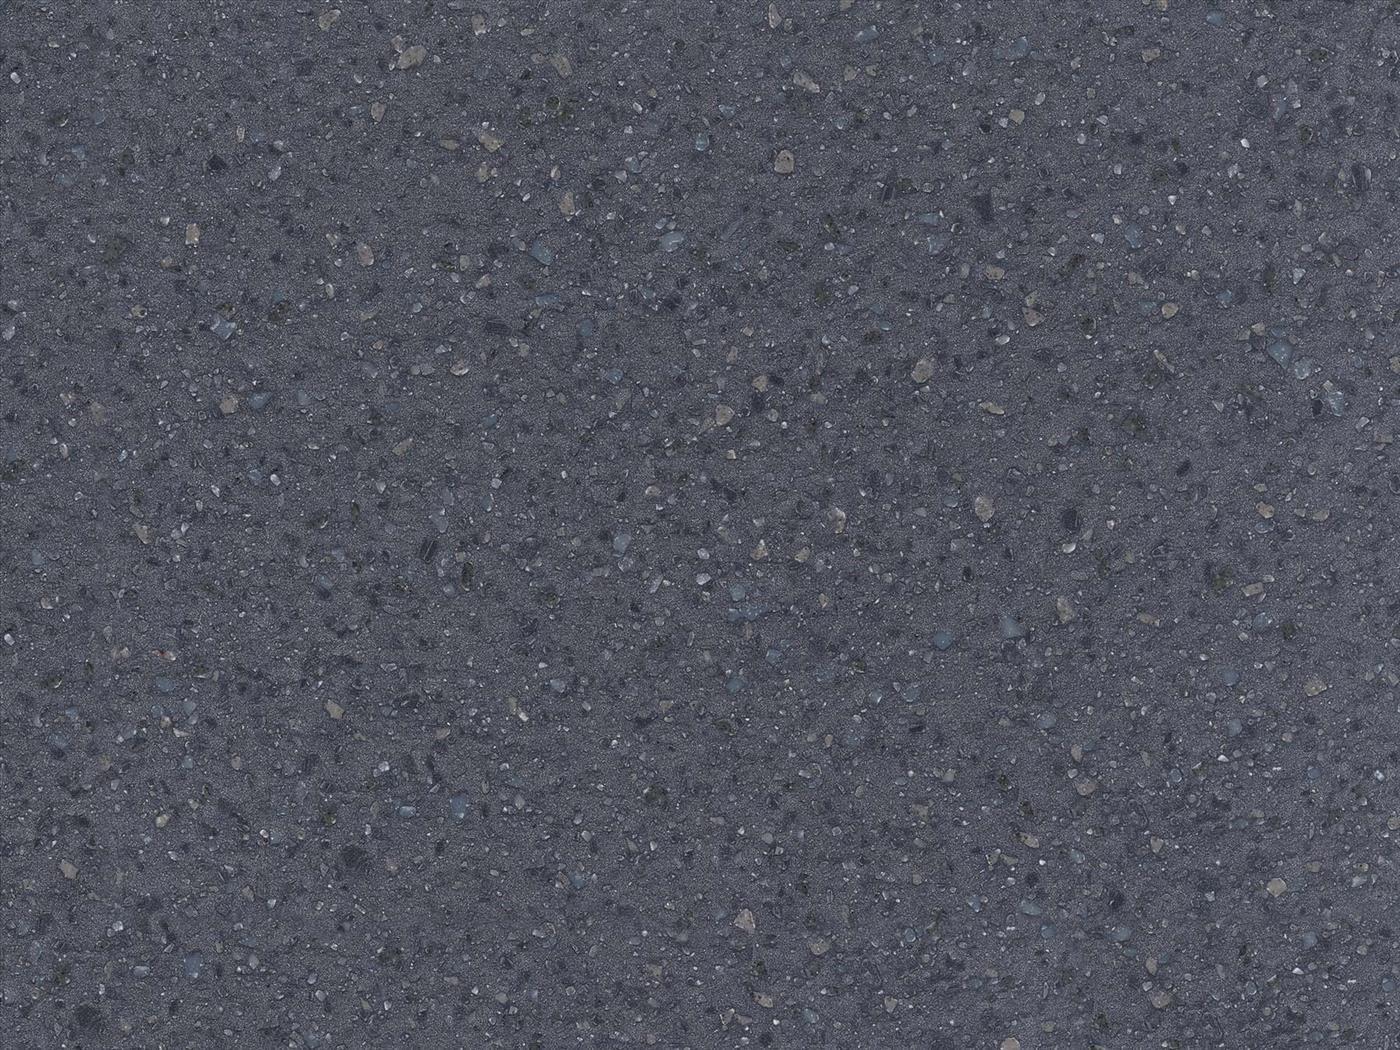 קוריאן mineral